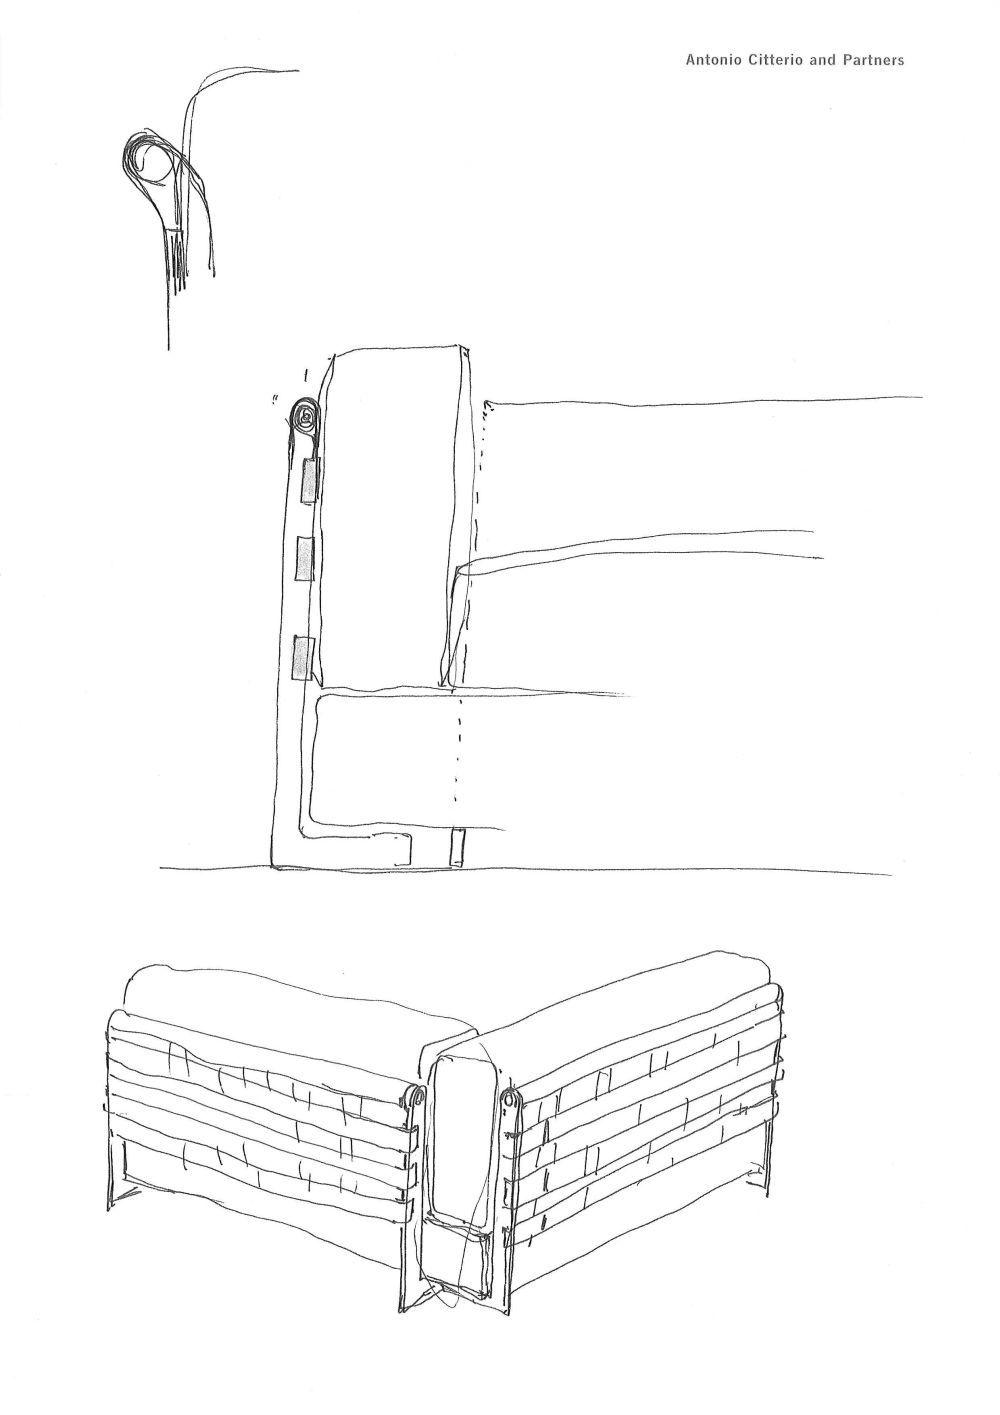 Bocetos del modelo Cestone, hechos por su diseñador, Antonio Citerio